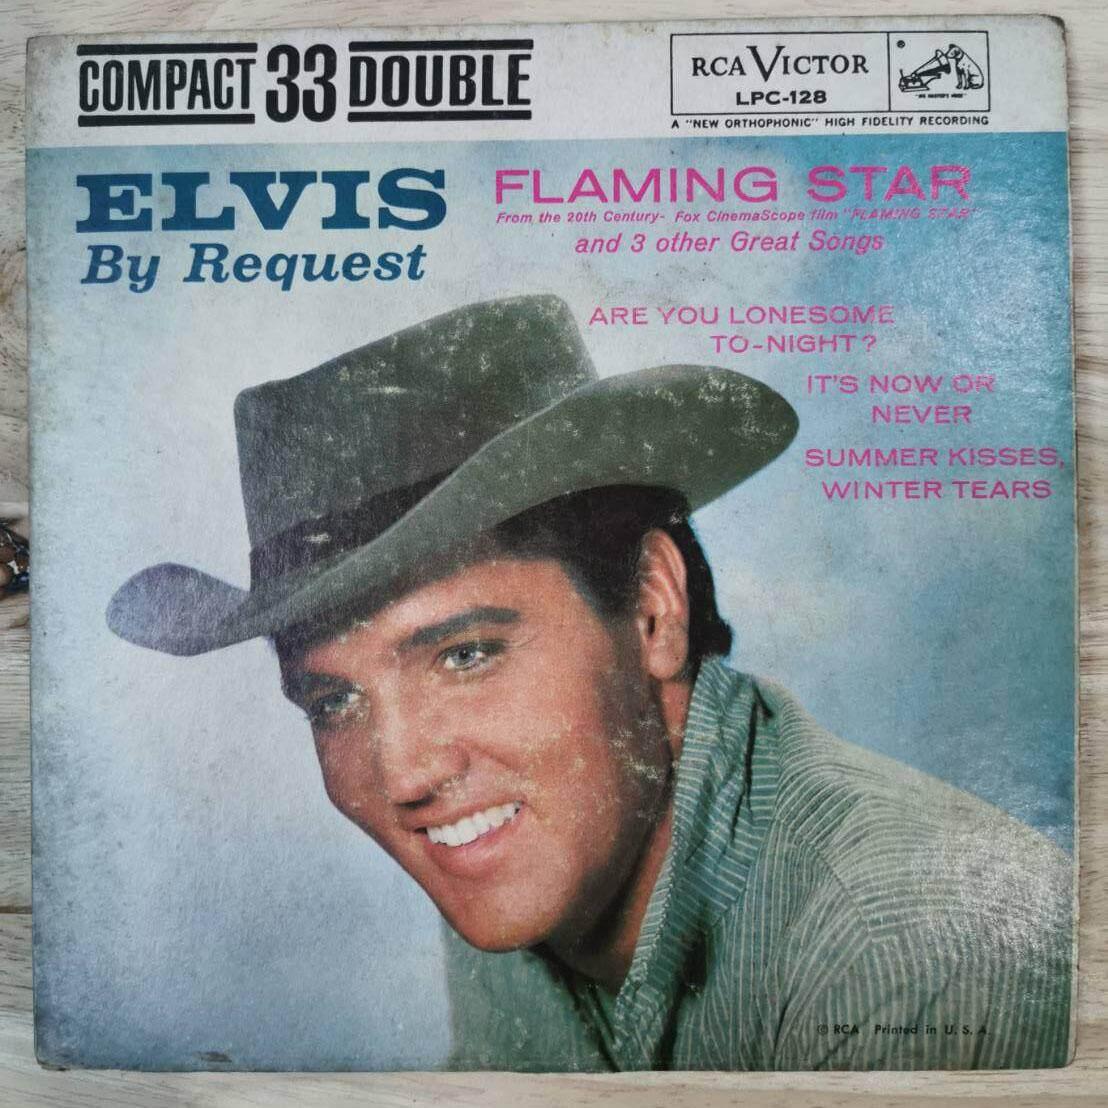 แผ่นเสียง Elvis By Request 7นิ้ว 33 1/3rpm ปกvg+ /แผ่น Vg++ By Oldism111.